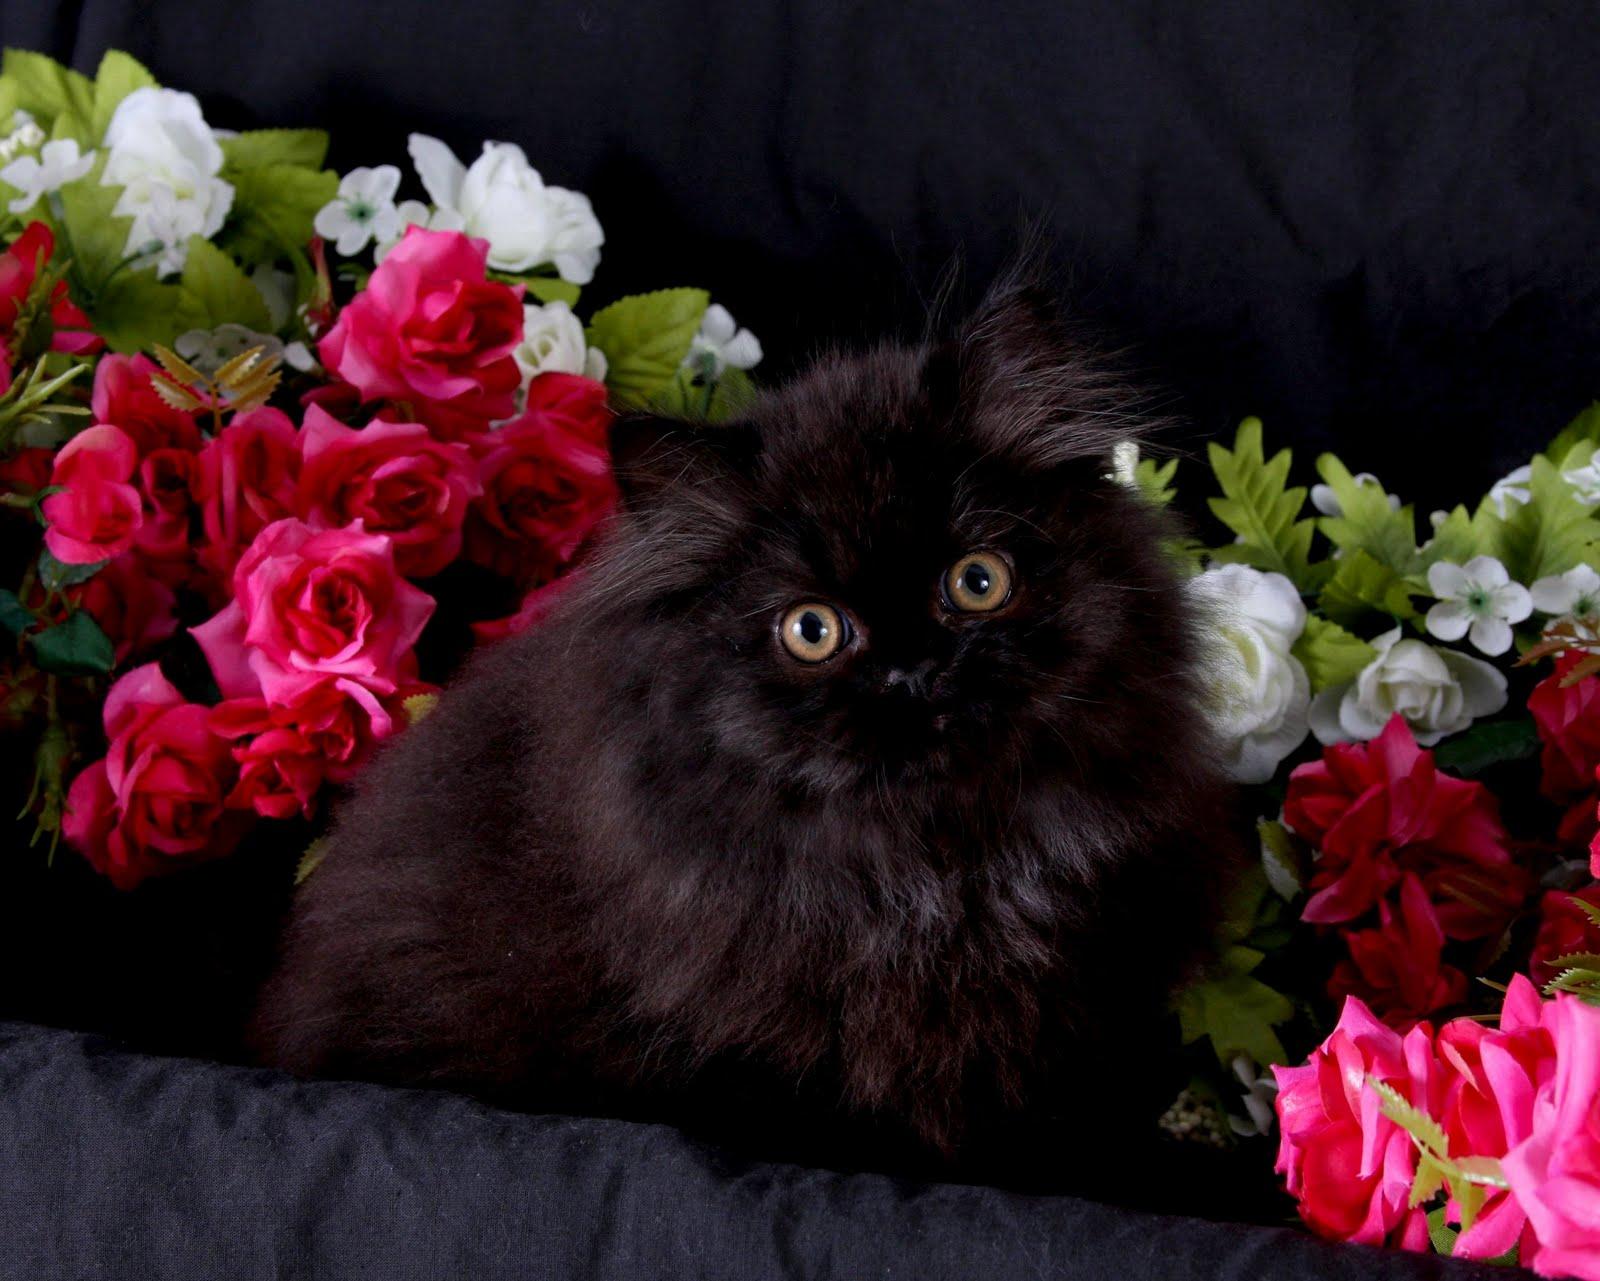 adopting a baby kitten